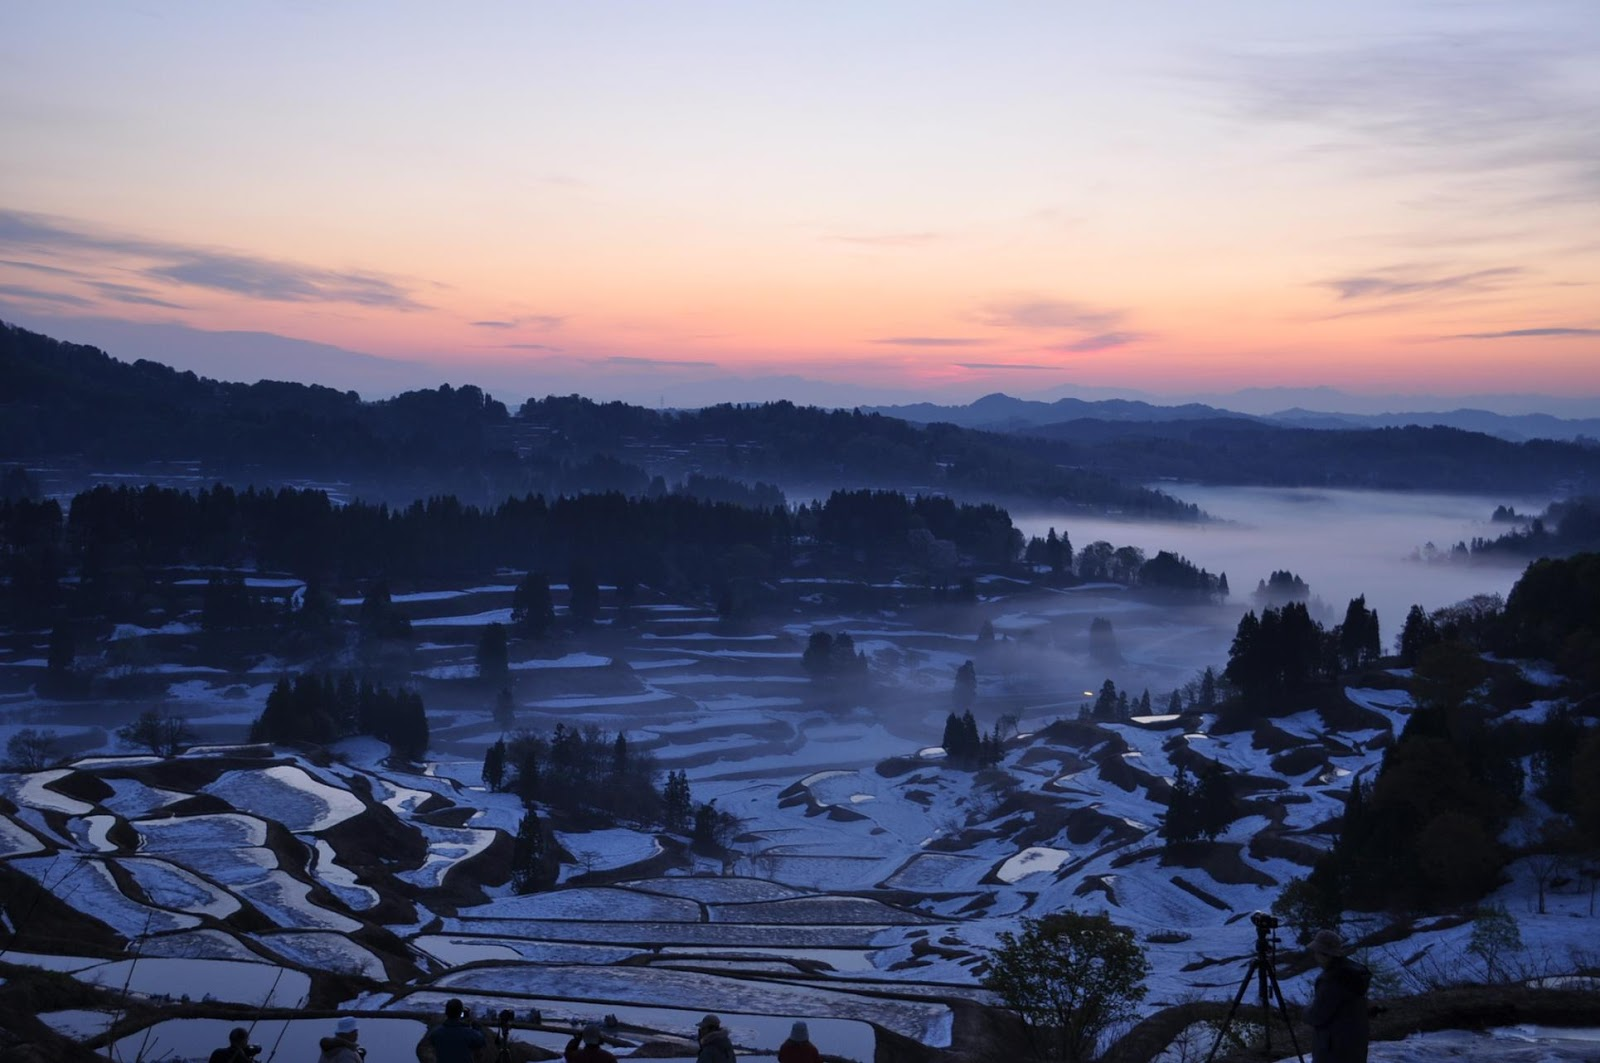 新潟縣 星峠梯田 日本之鄉100選 夢幻田野風景 形成美絕夢幻的四季獨有美景